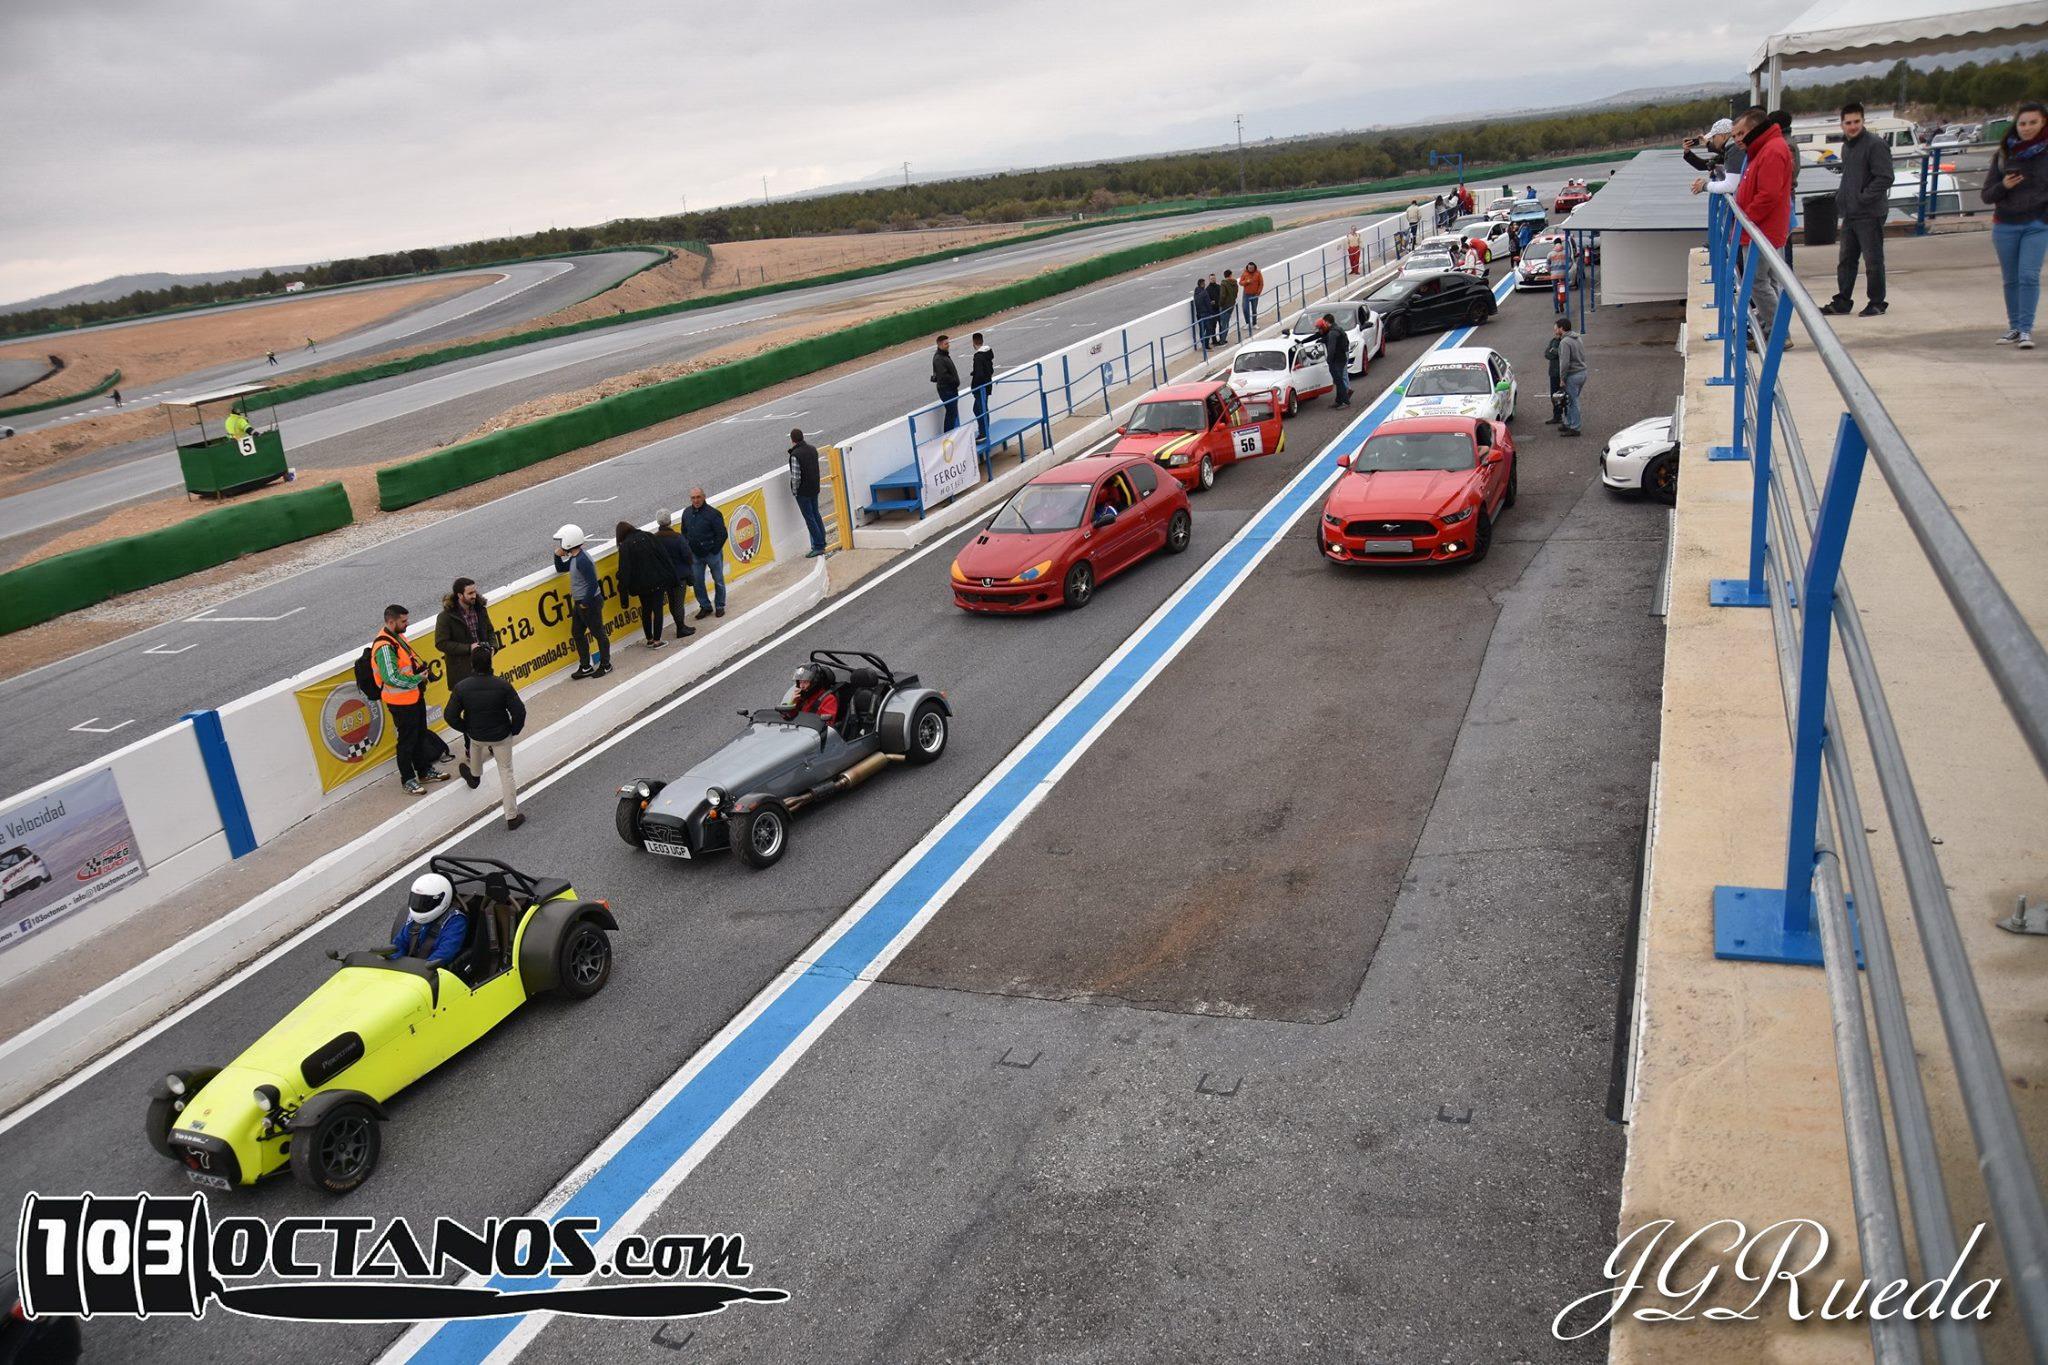 Circuito Guadix : Circuito de guadix la página de motor de jjmedina